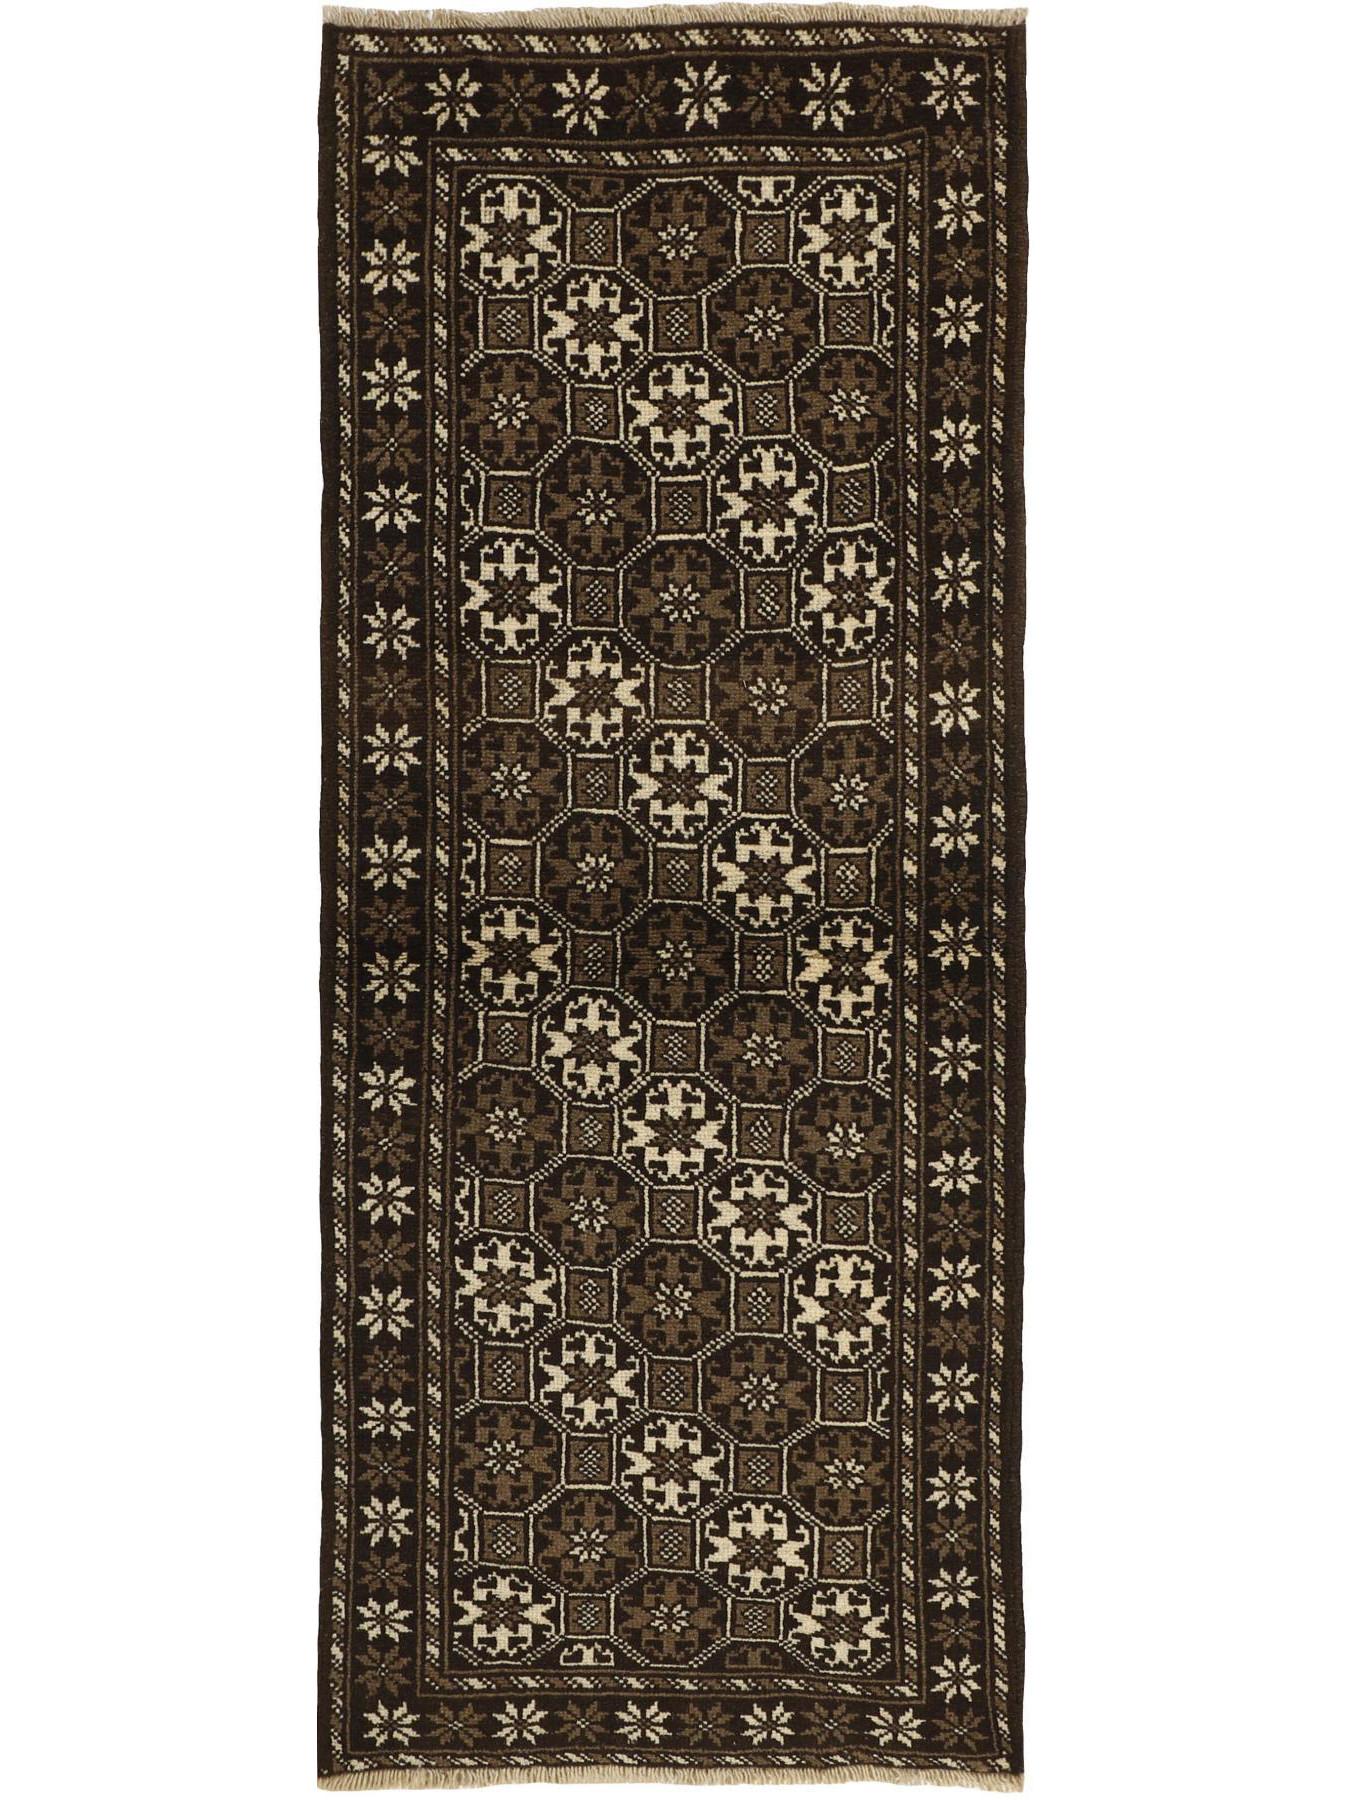 Tapis persans - Beloutch